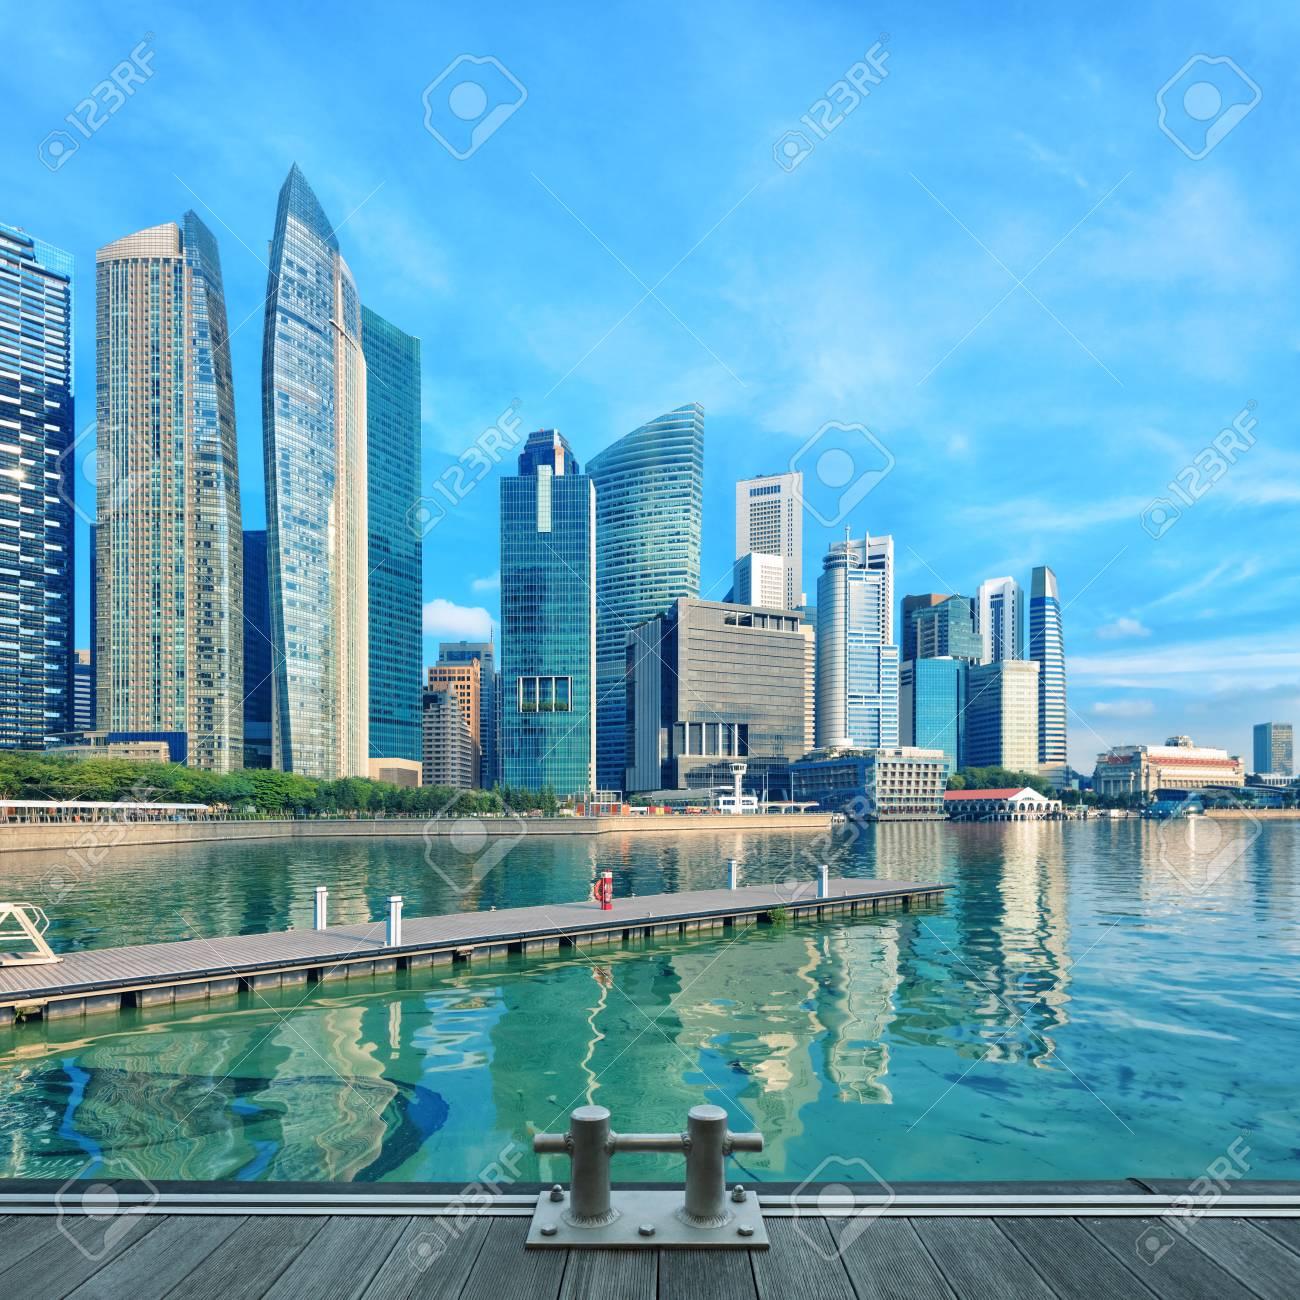 Muelle Central De Singapur Con El Agua En Primer Plano La Arquitectura Moderna De La Ciudad En Un Día Soleado Con Terrazas De Madera En Primer Plano